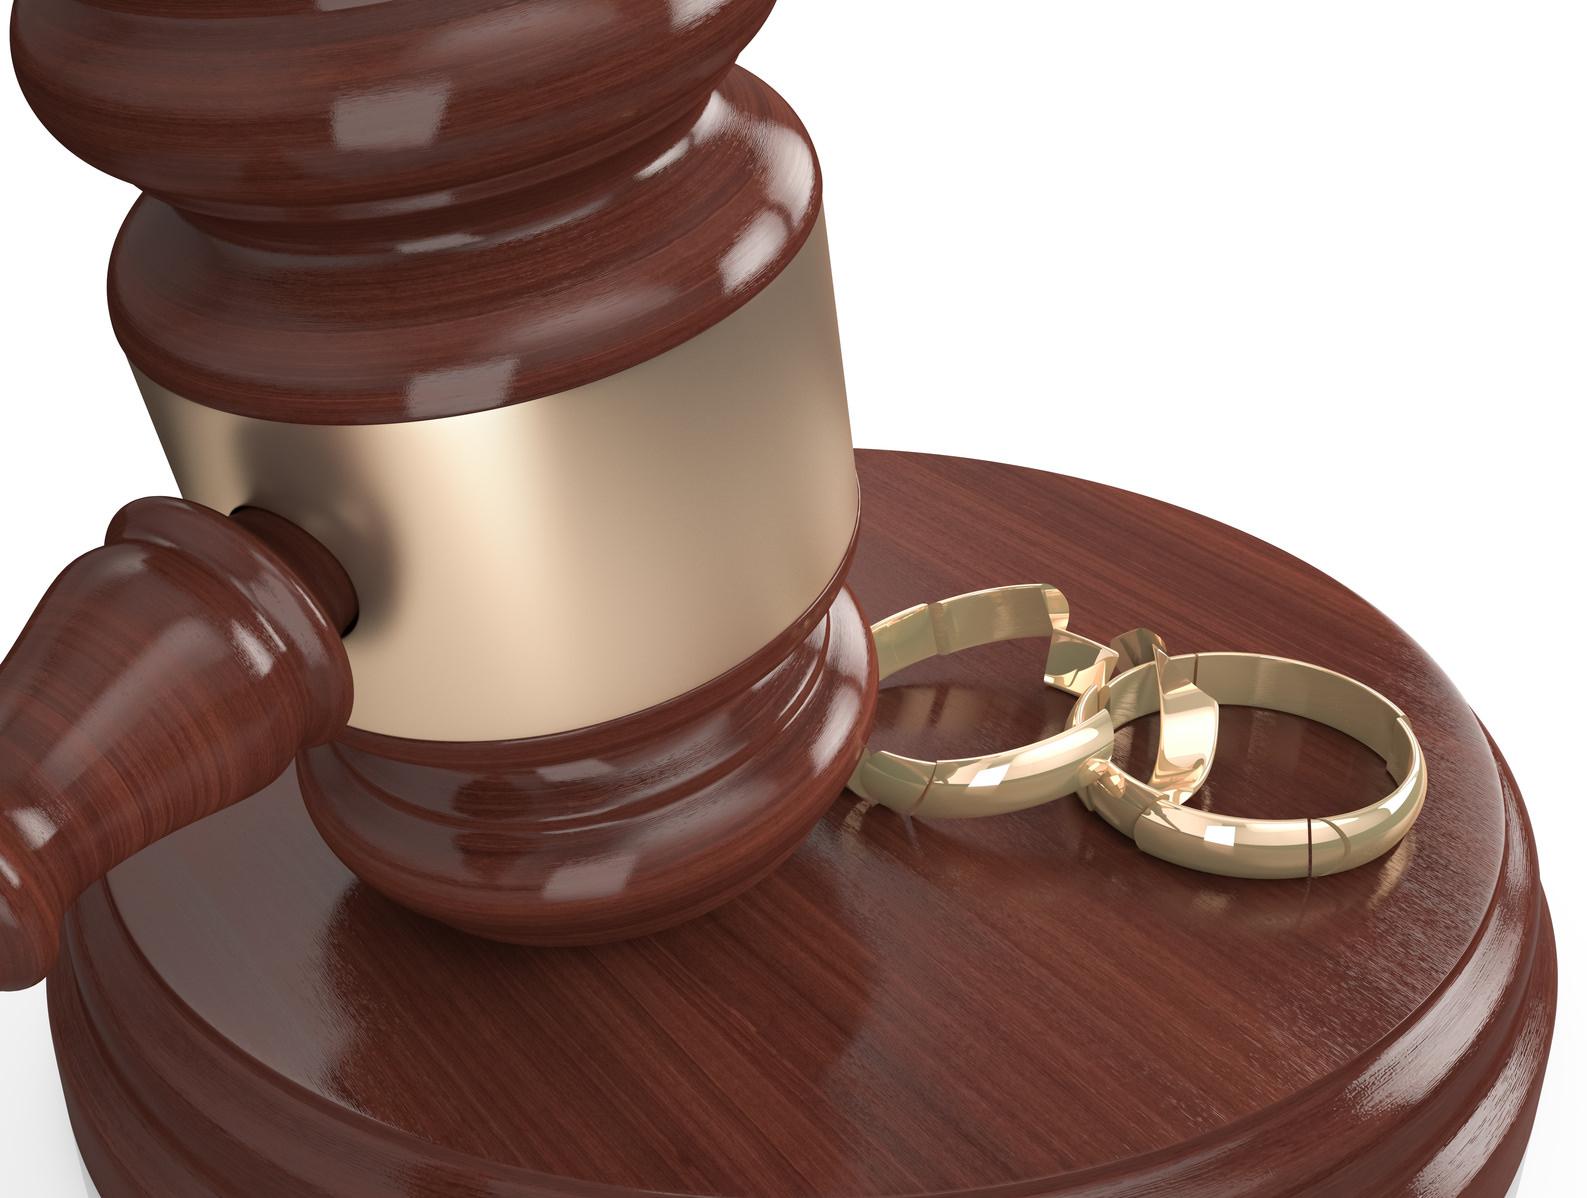 Получить свидетельство о расторжении брака: что для этого нужно (фото: bahrialtay - Fotolia.com).